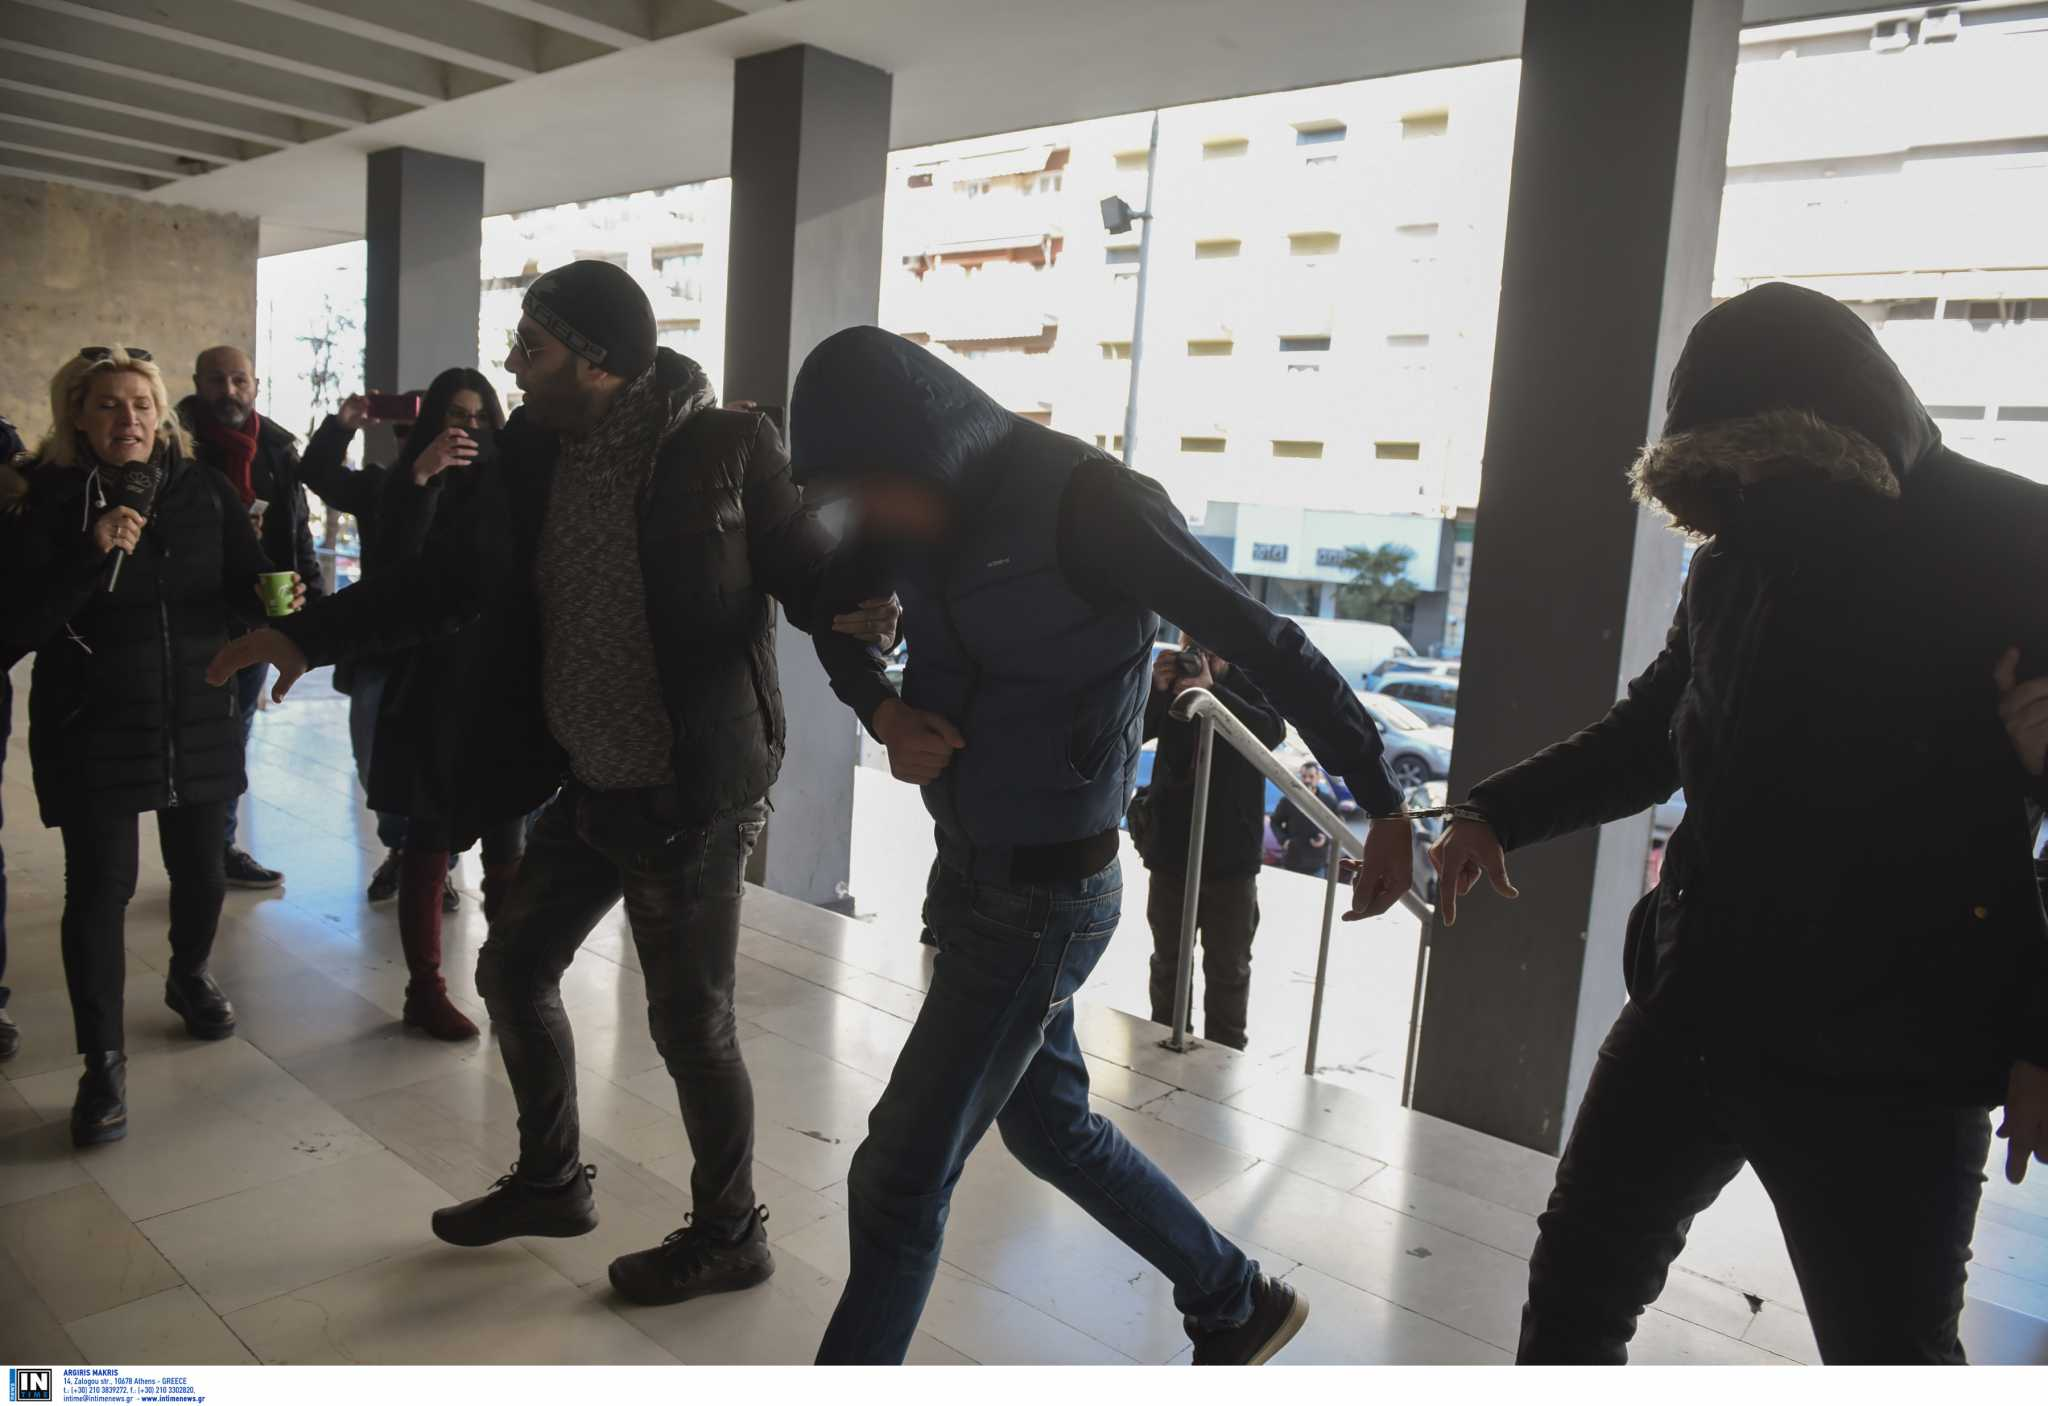 Δίκη για τον θάνατο του Βούλγαρου οπαδού: «Δεν είδαμε δεύτερο άτομο στο αυτοκίνητο»